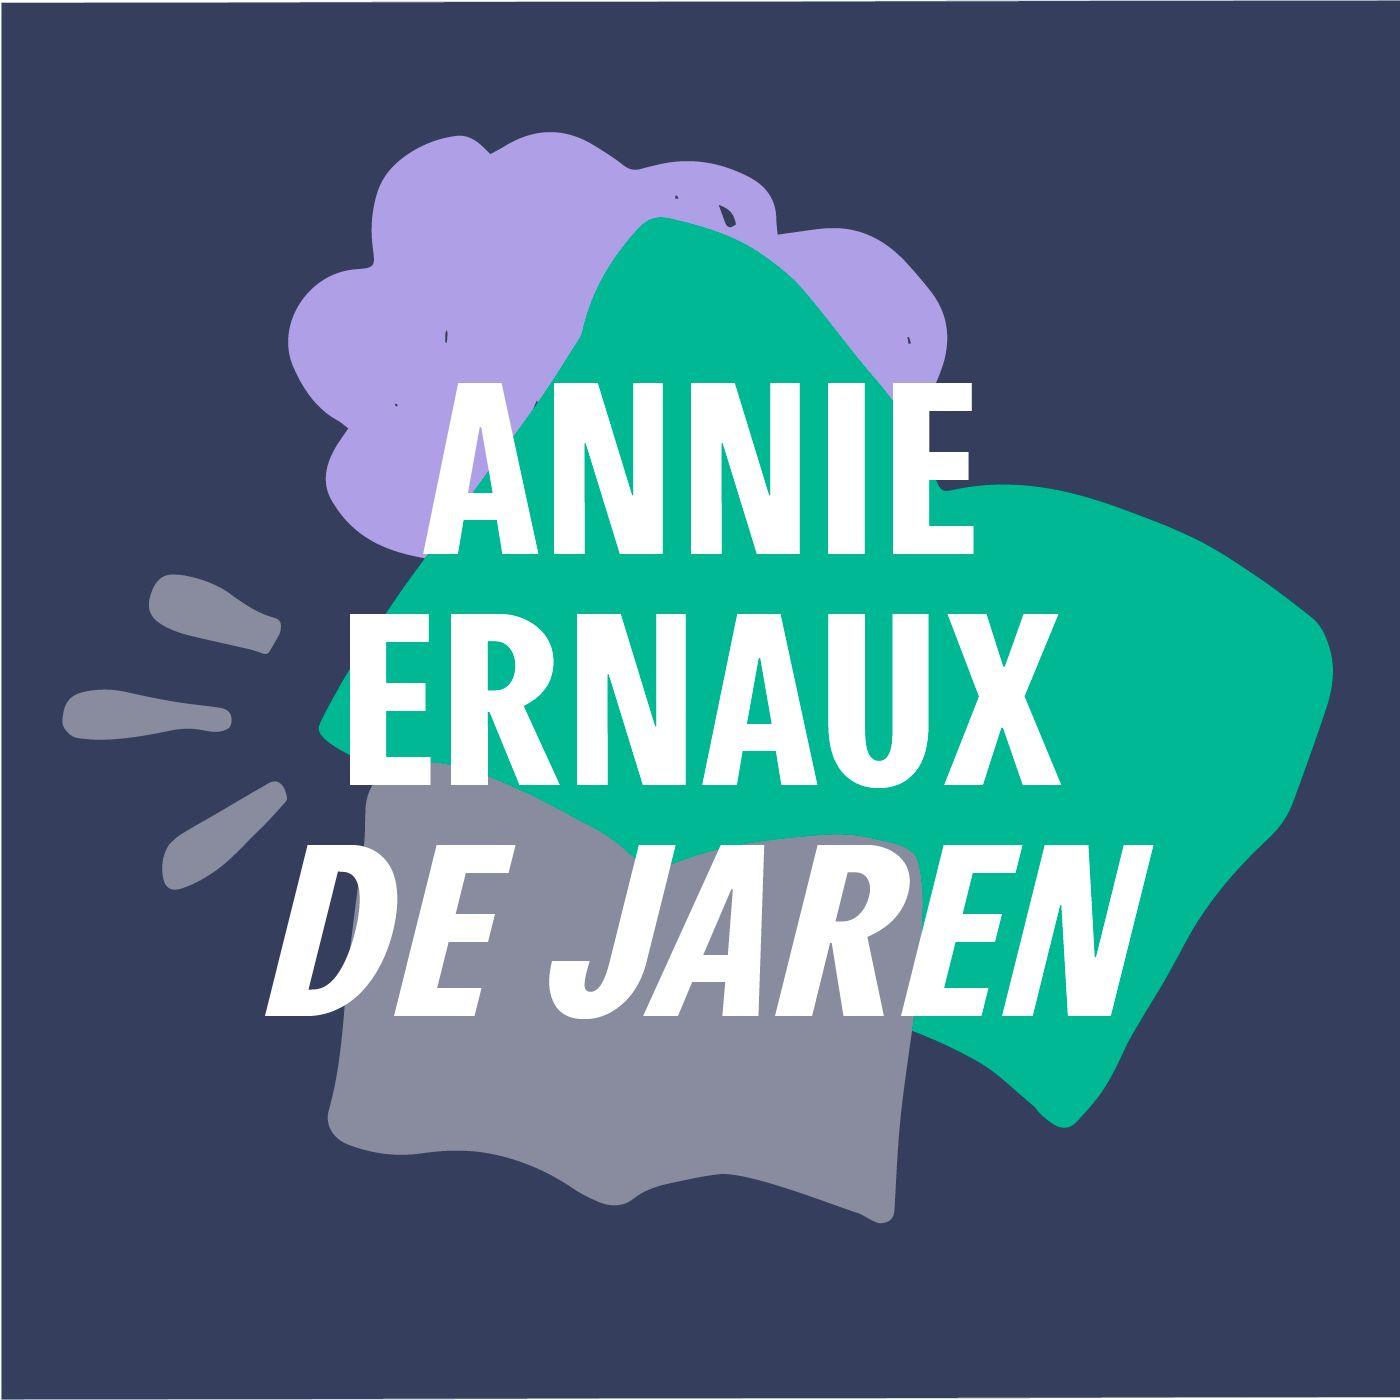 S4 #2 - Is Annie Ernaux een yes? | 'De jaren' - Annie Ernaux